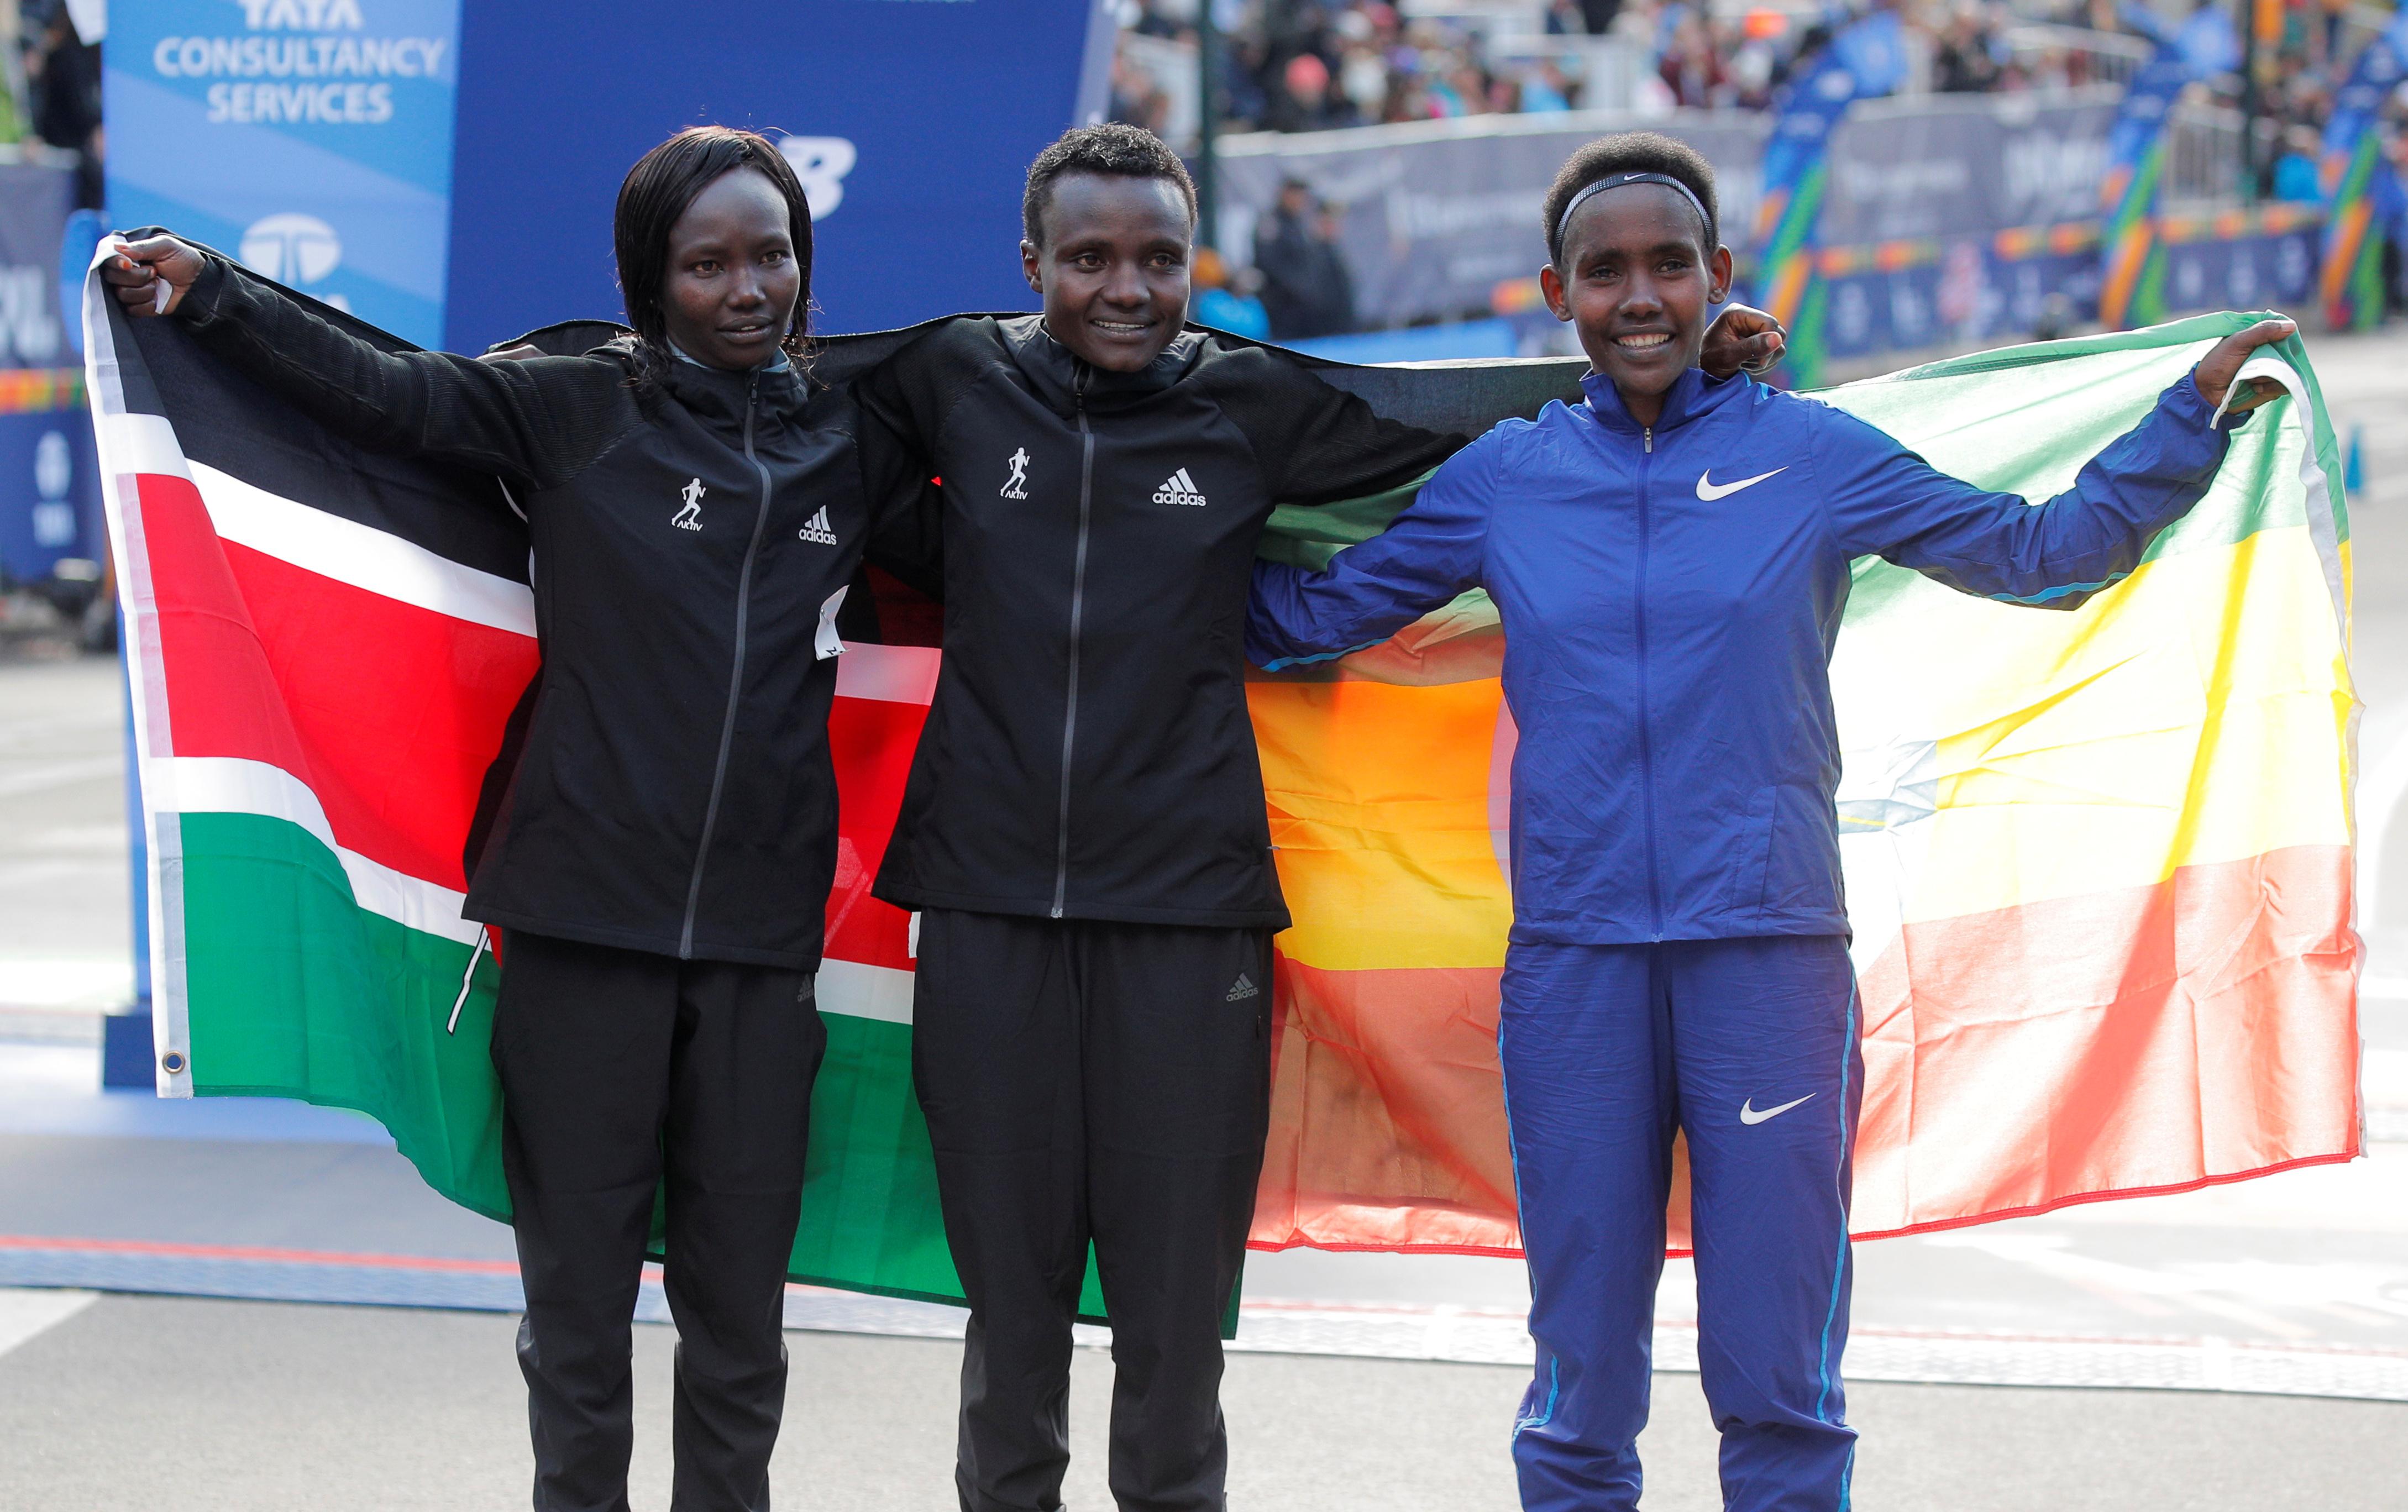 Las dueñas del podio: Mary Keitany (segunda), Joyciline Jepkosgei (campeona) y Ruti Aga (tercera)